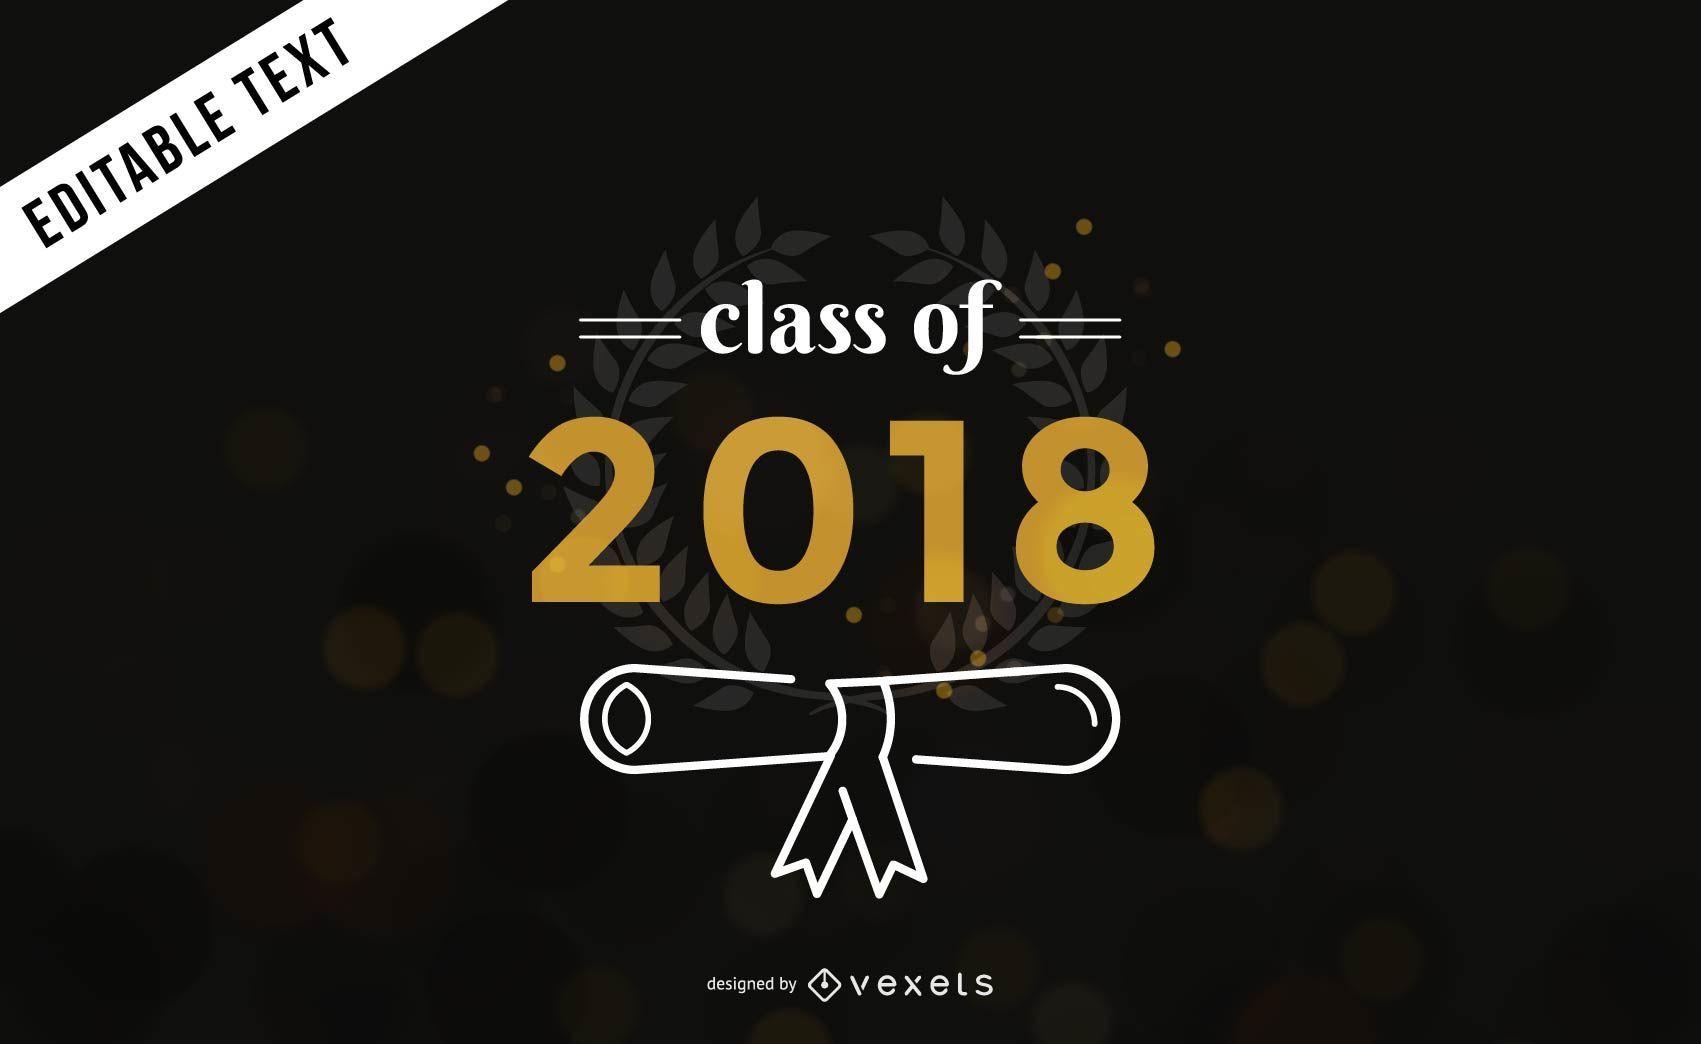 Class of 2018 graduation banner